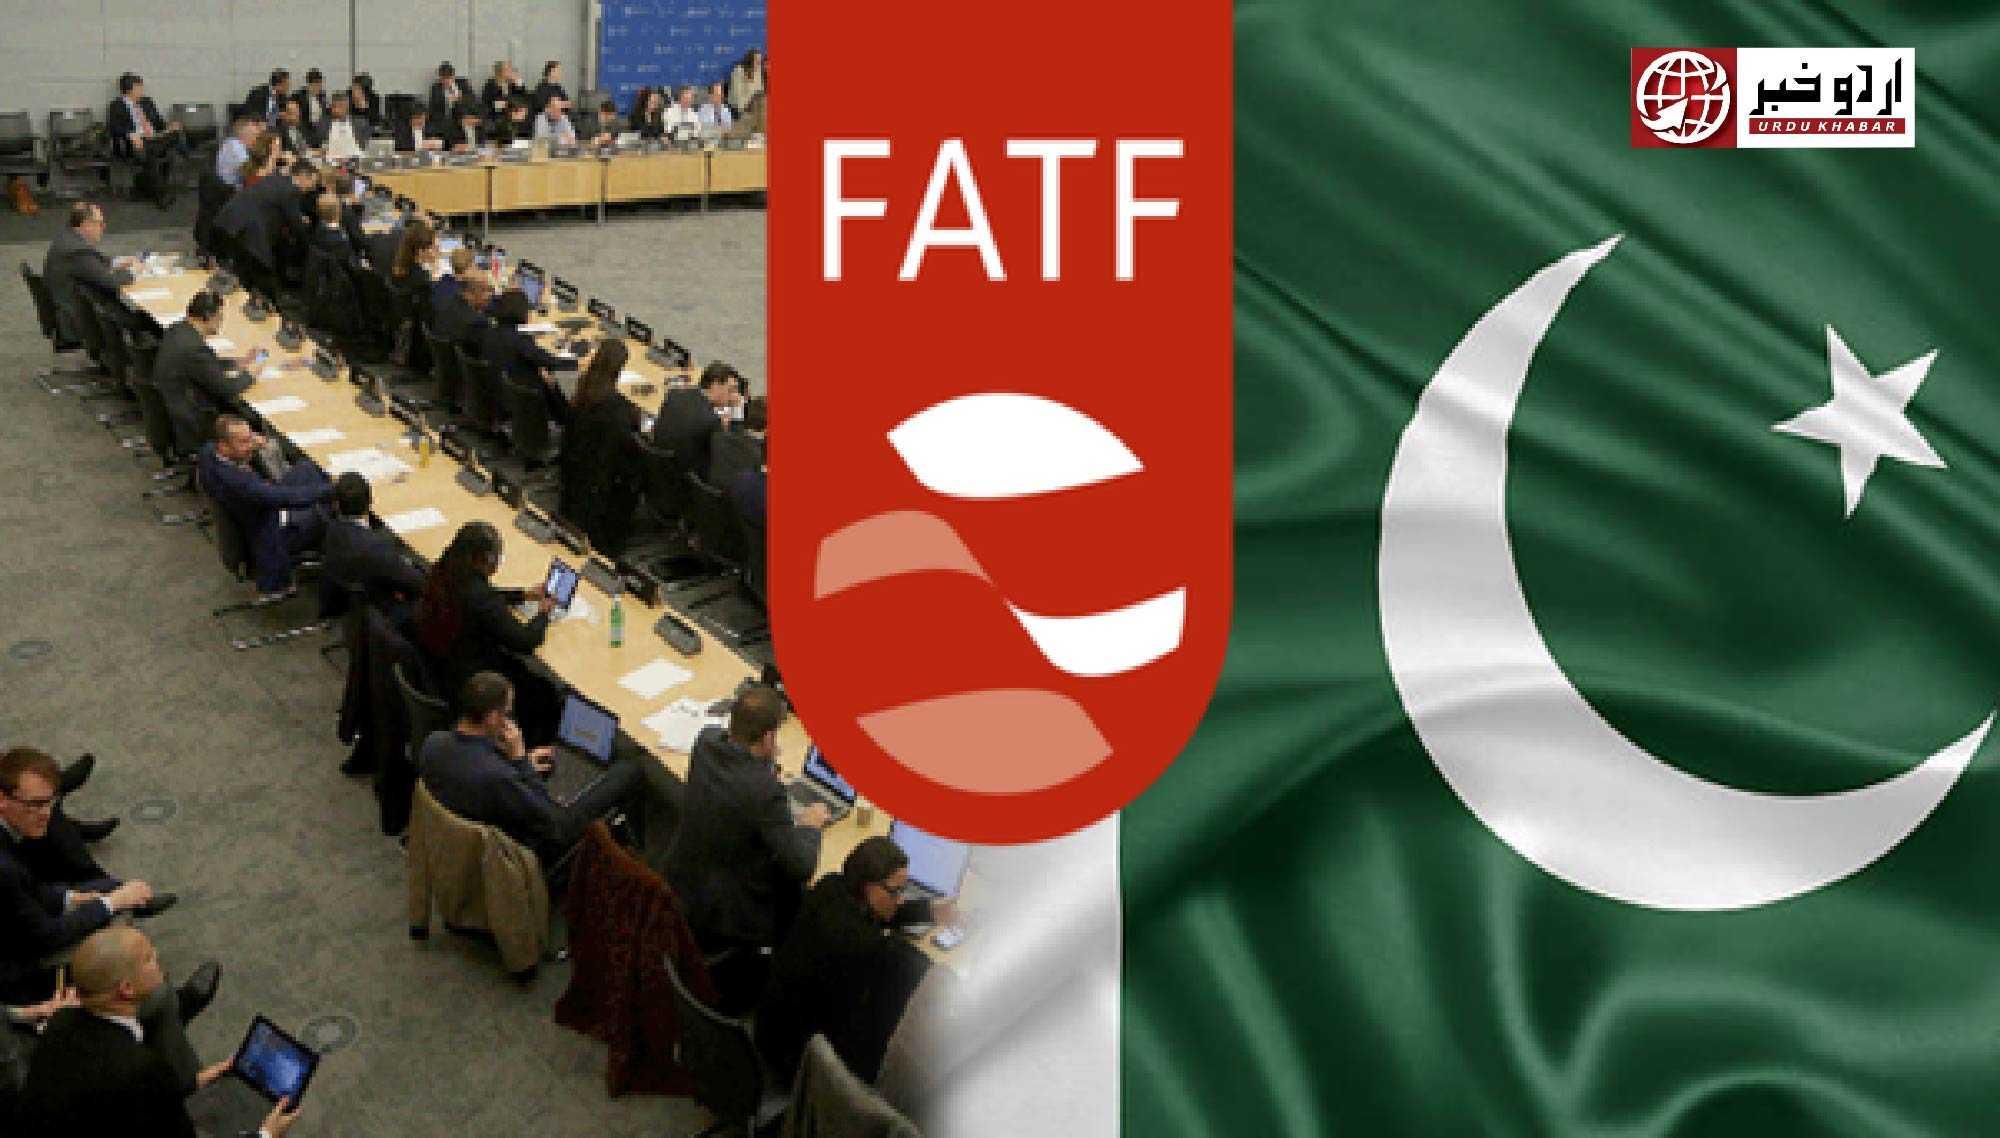 ایف اے ٹی ایف کا پاکستان کو گرے لسٹ میں رکھنے کا فیصلہ